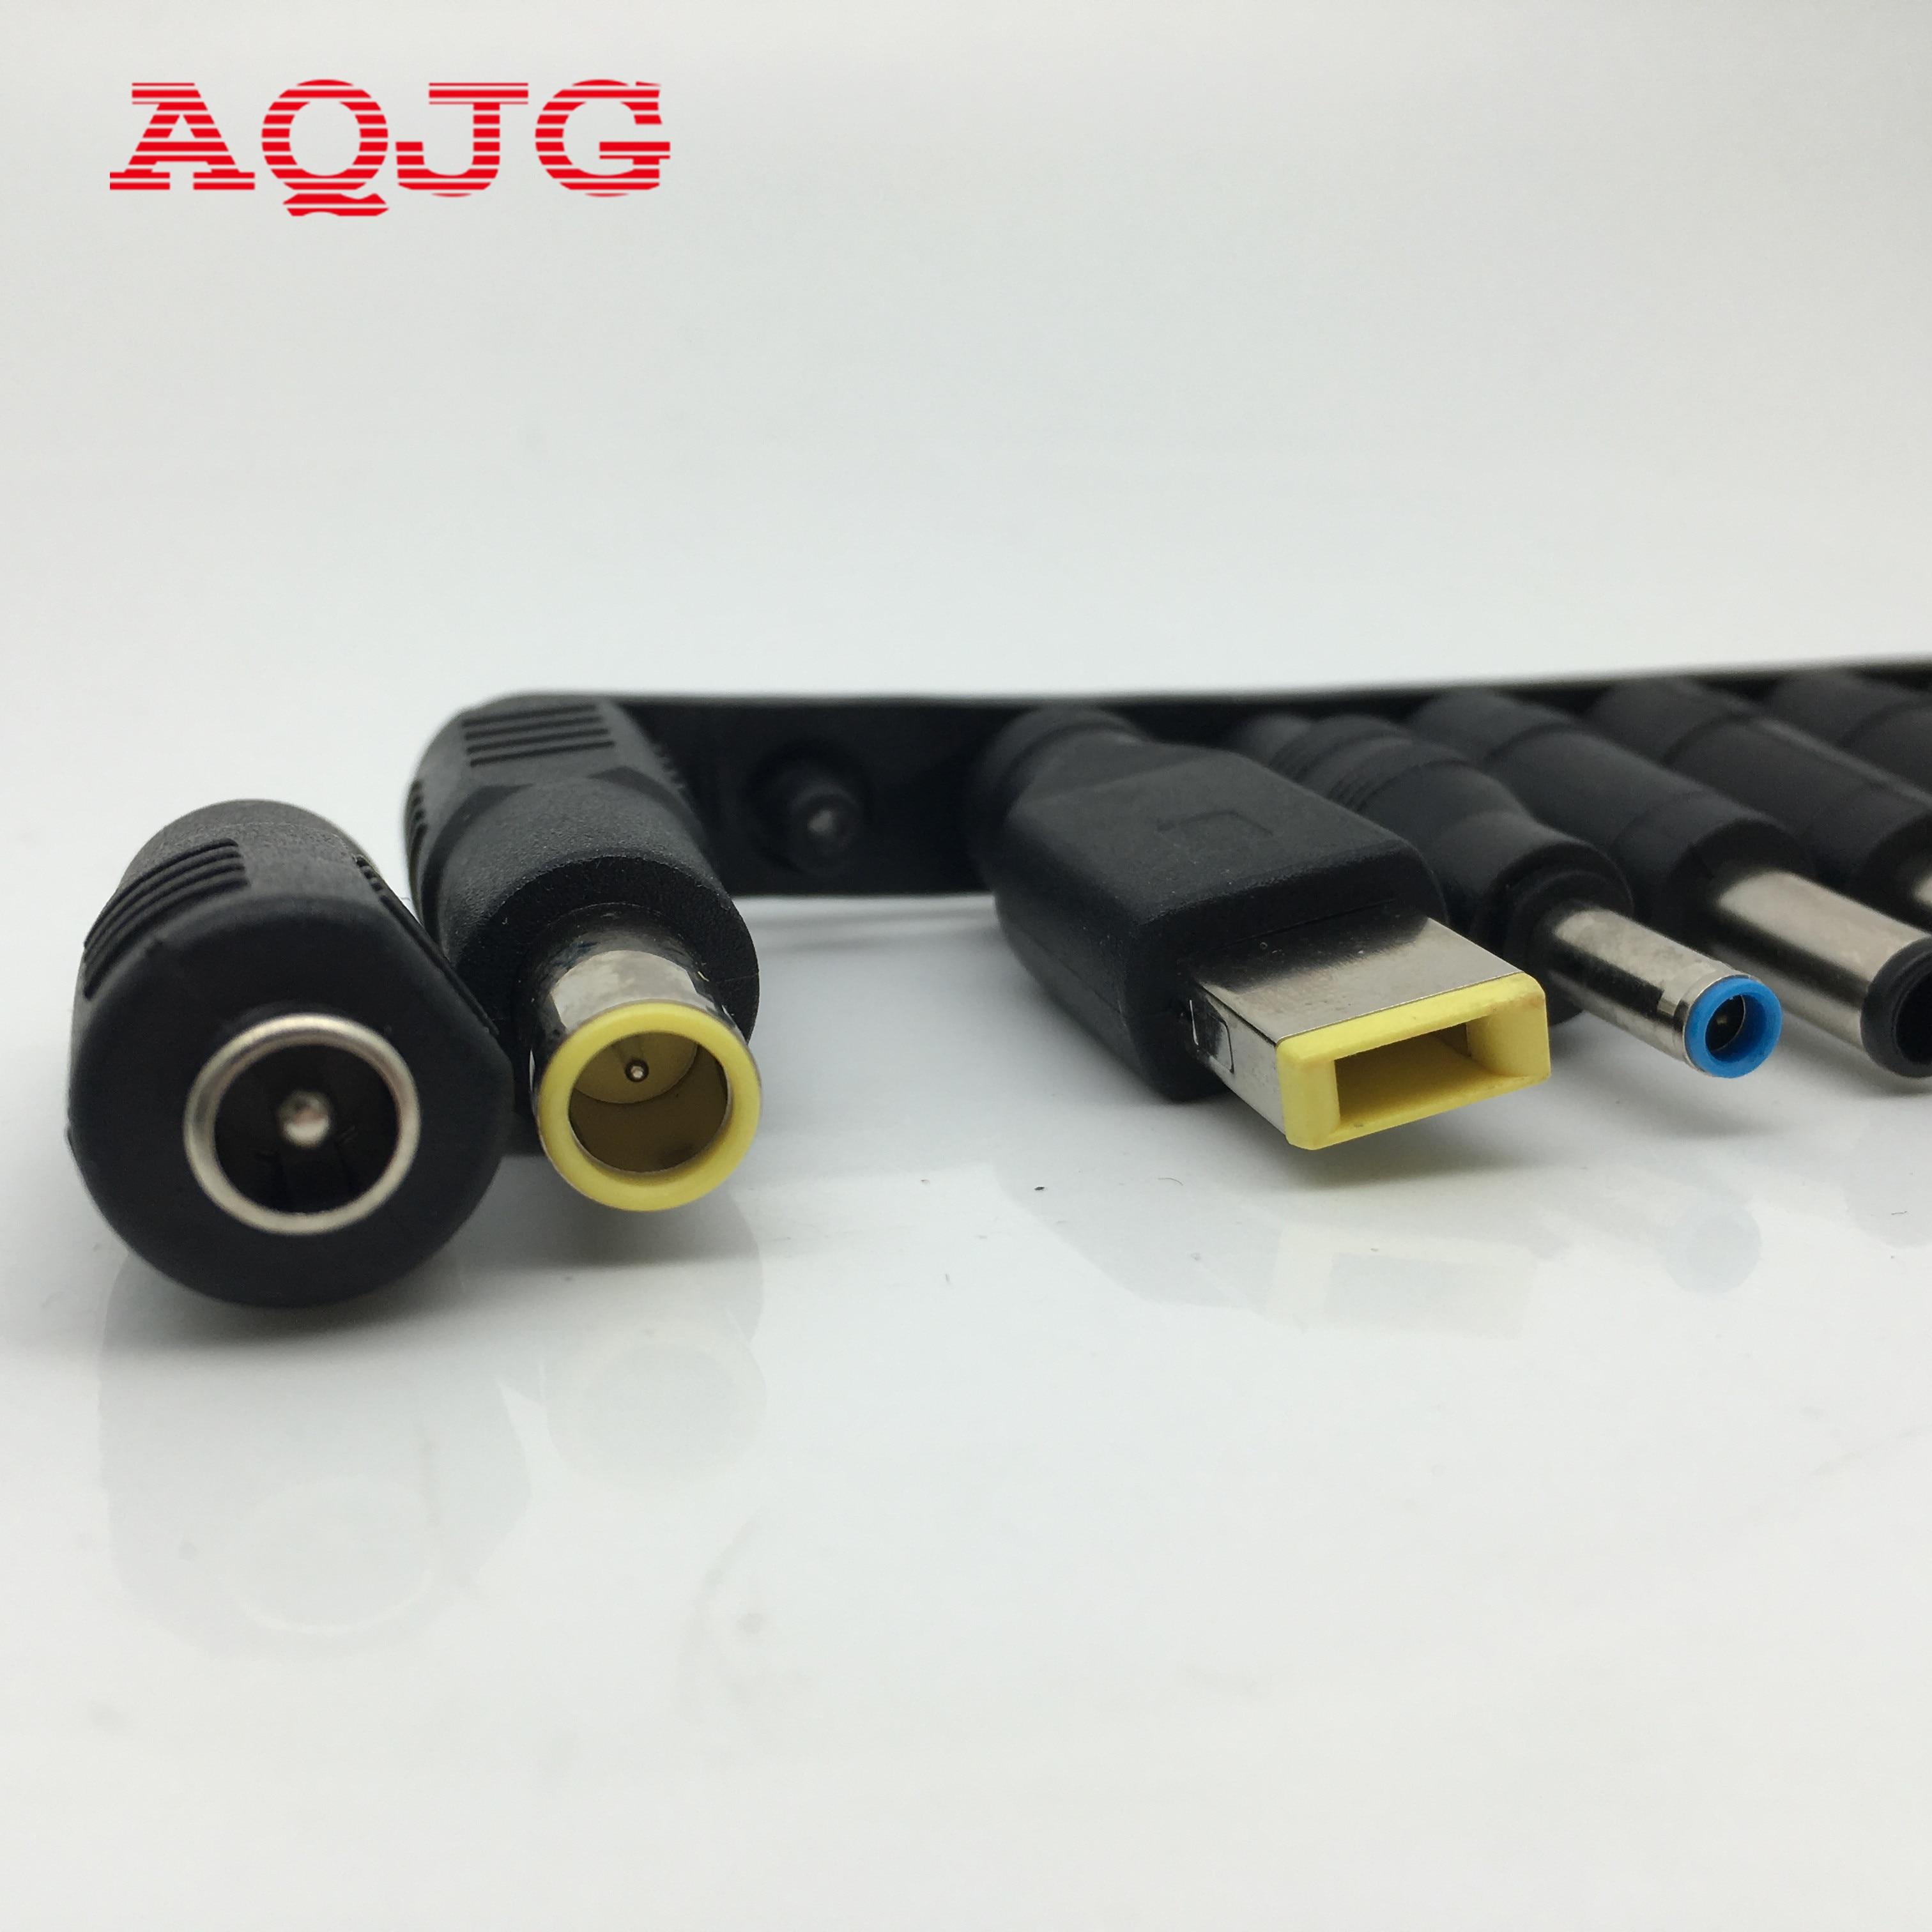 5.5x1.7 мм Multi Тип Мужской Джек для DC Вилки для AC Адаптеры питания  компьютера Кабели Инструменты для наращивания волос для Тетрадь ноутбук 5.5  мм x 2.5 ... bc6c06035